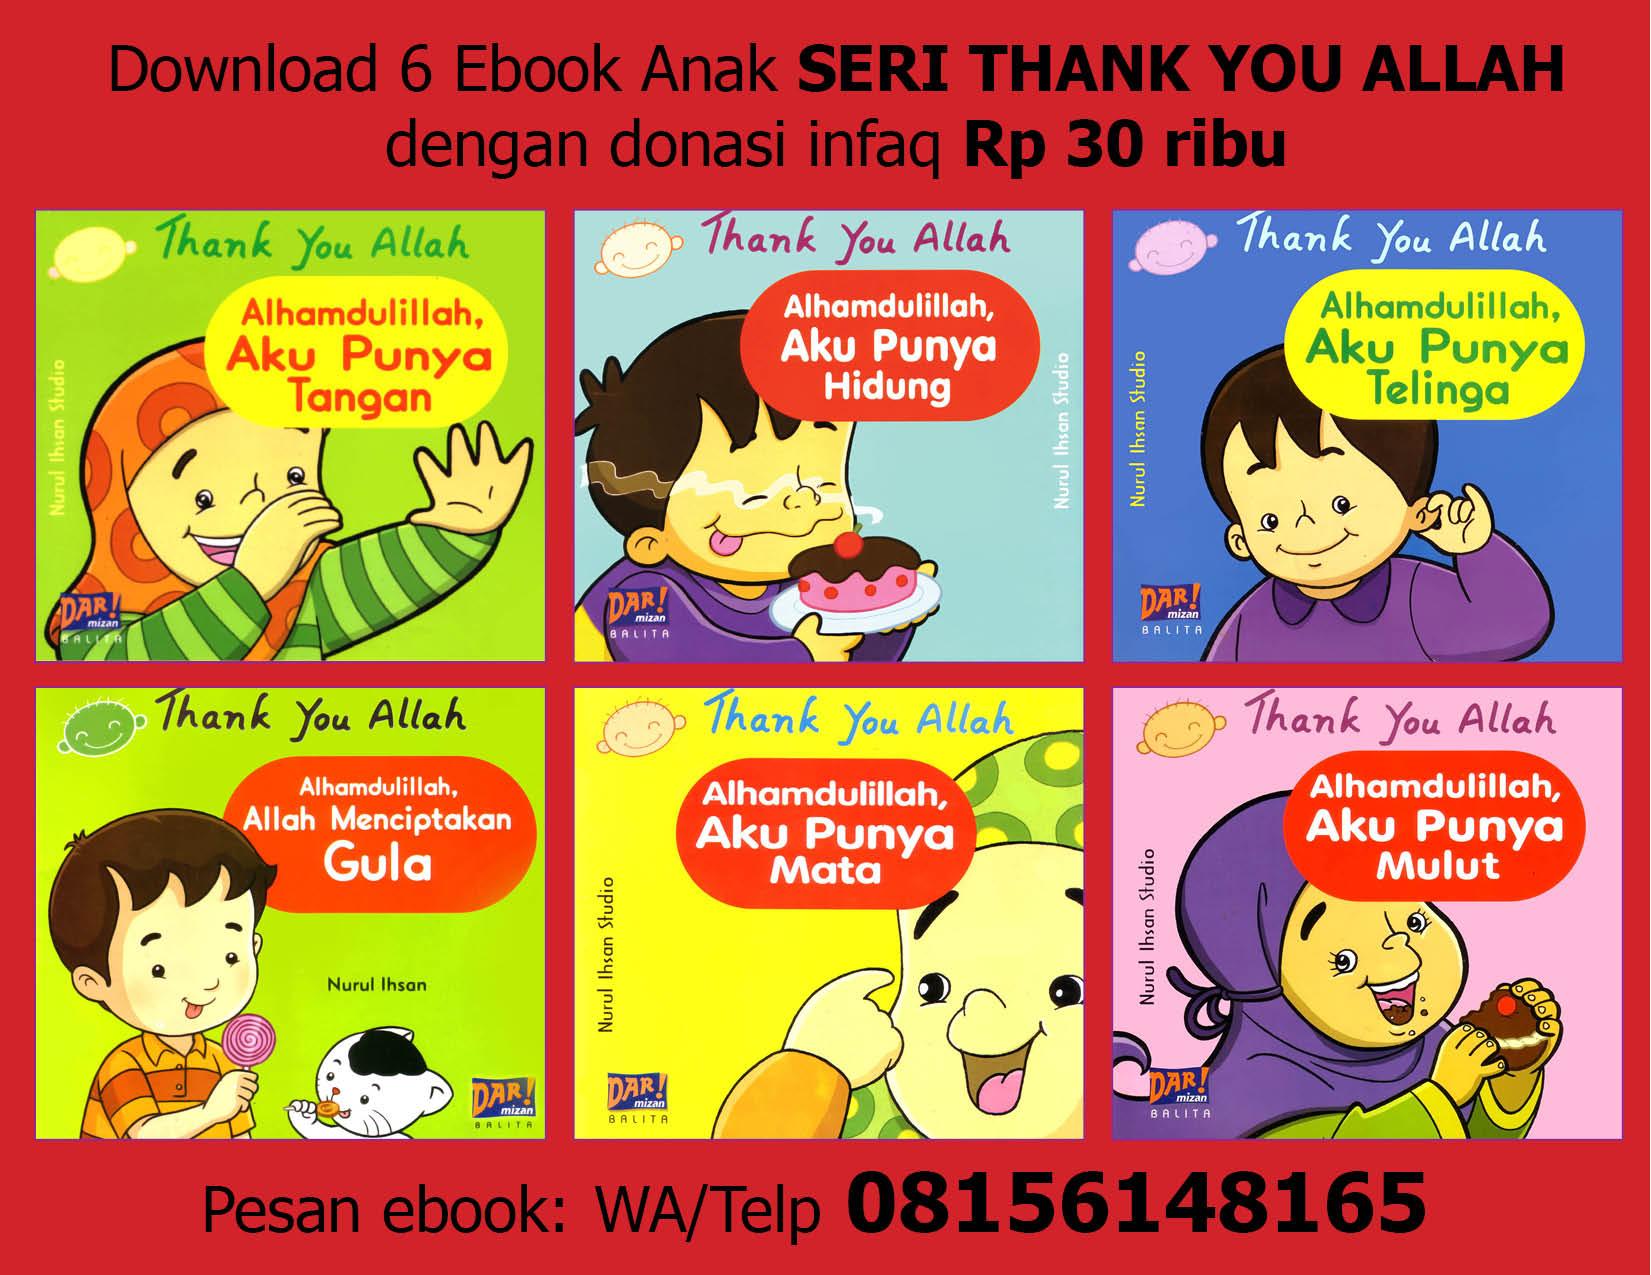 download 6 ebook seri thank you allah dengan donasi infaq